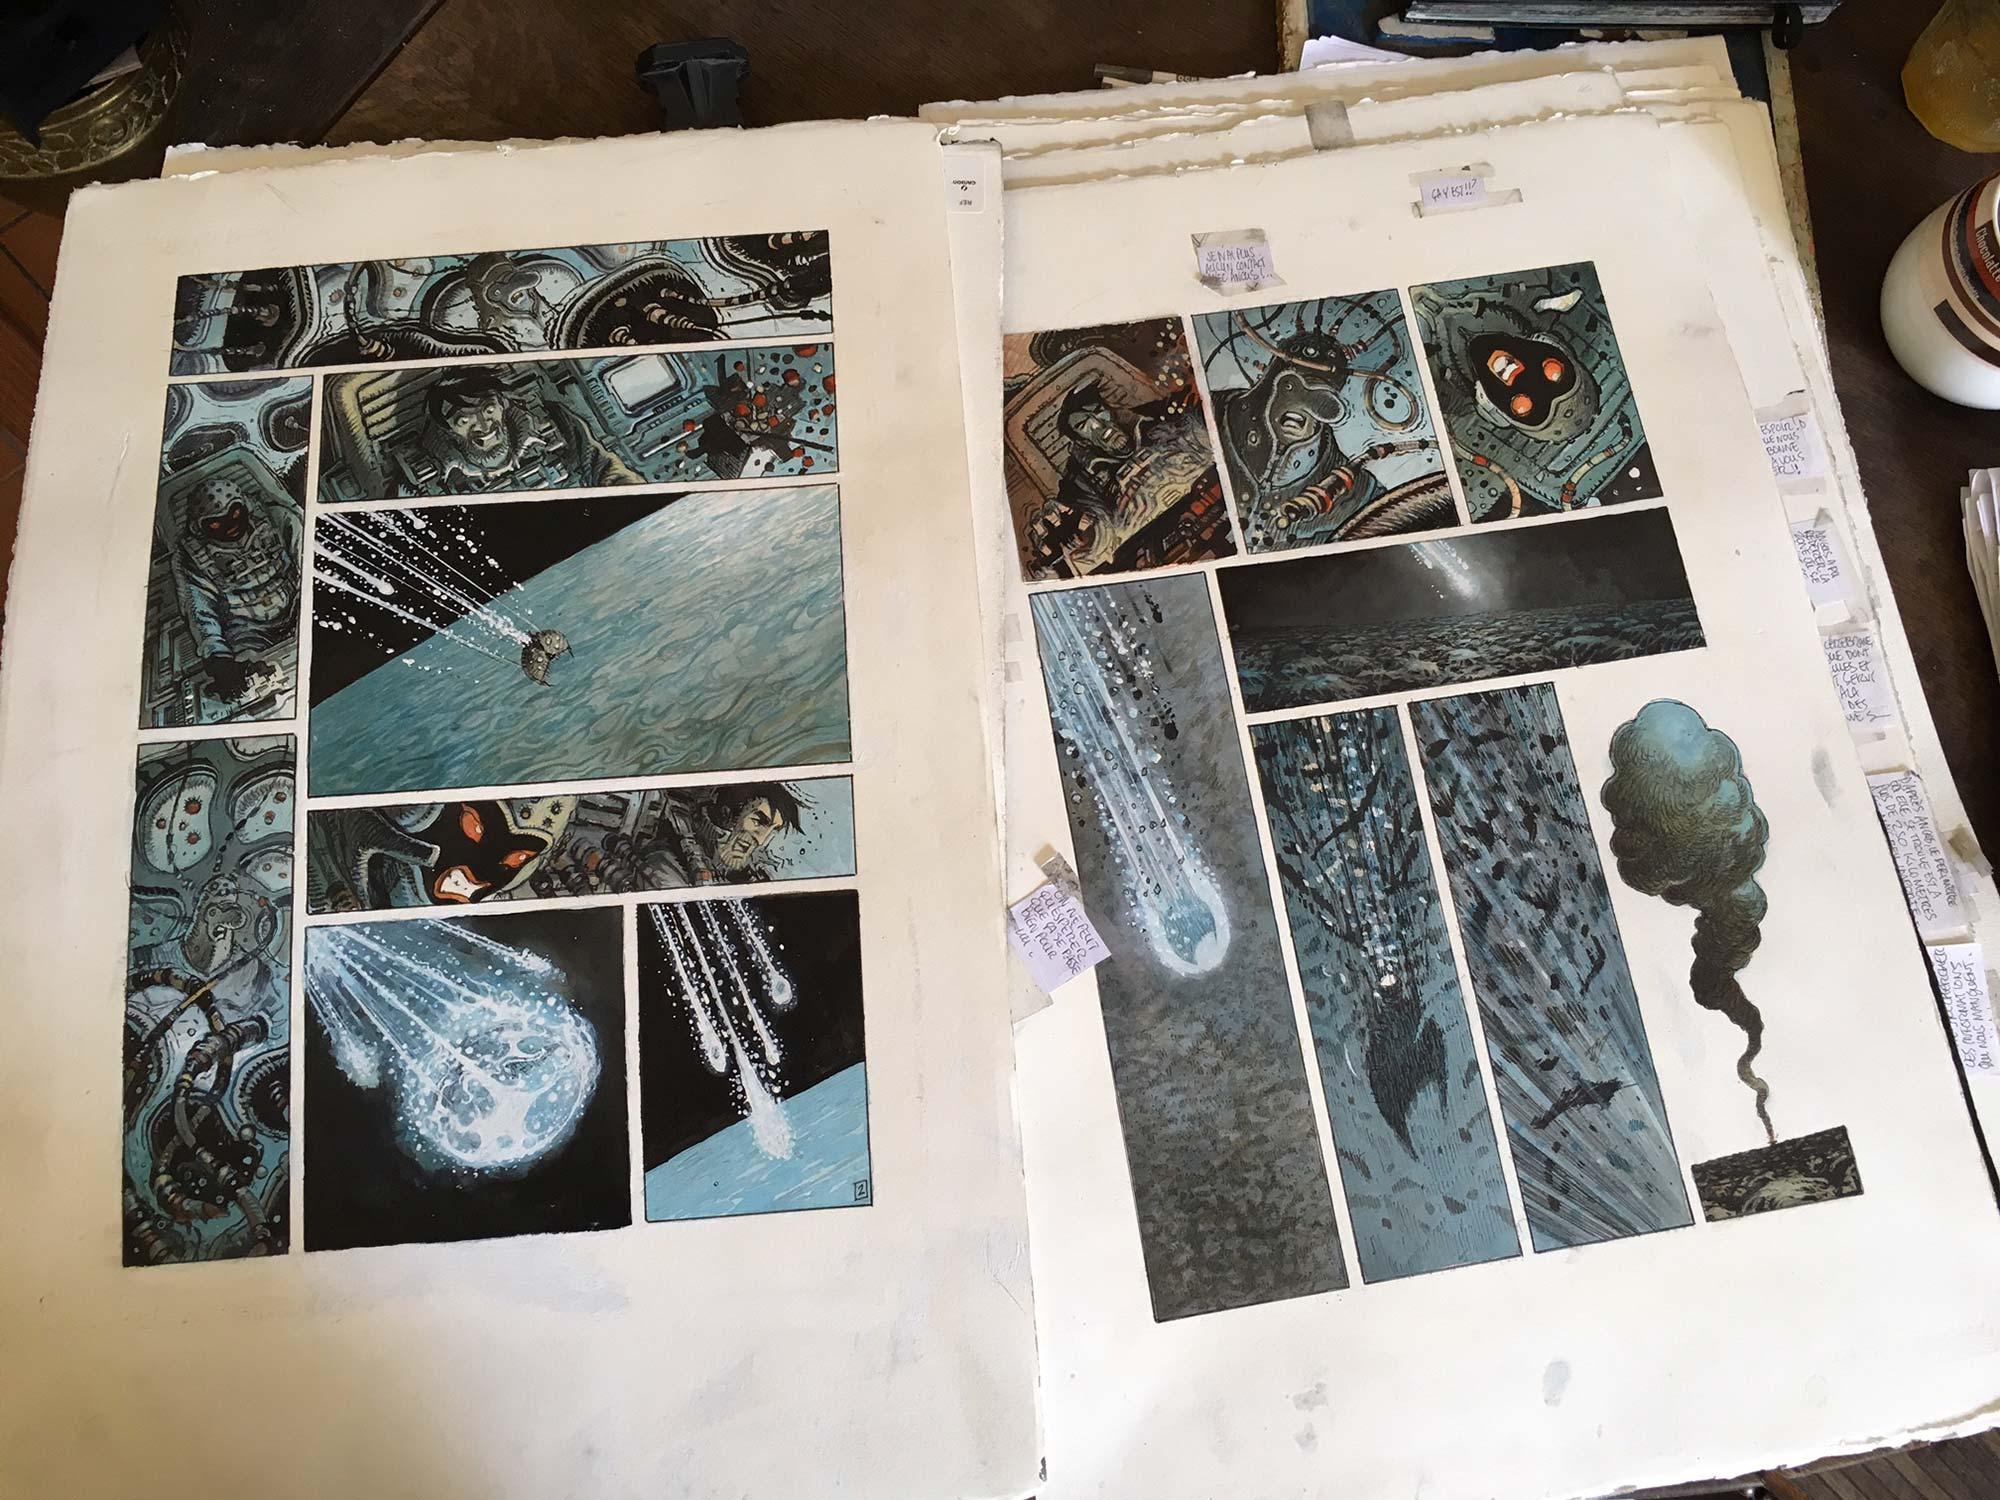 Orbital tome 8 : premières planches couleurs - 2